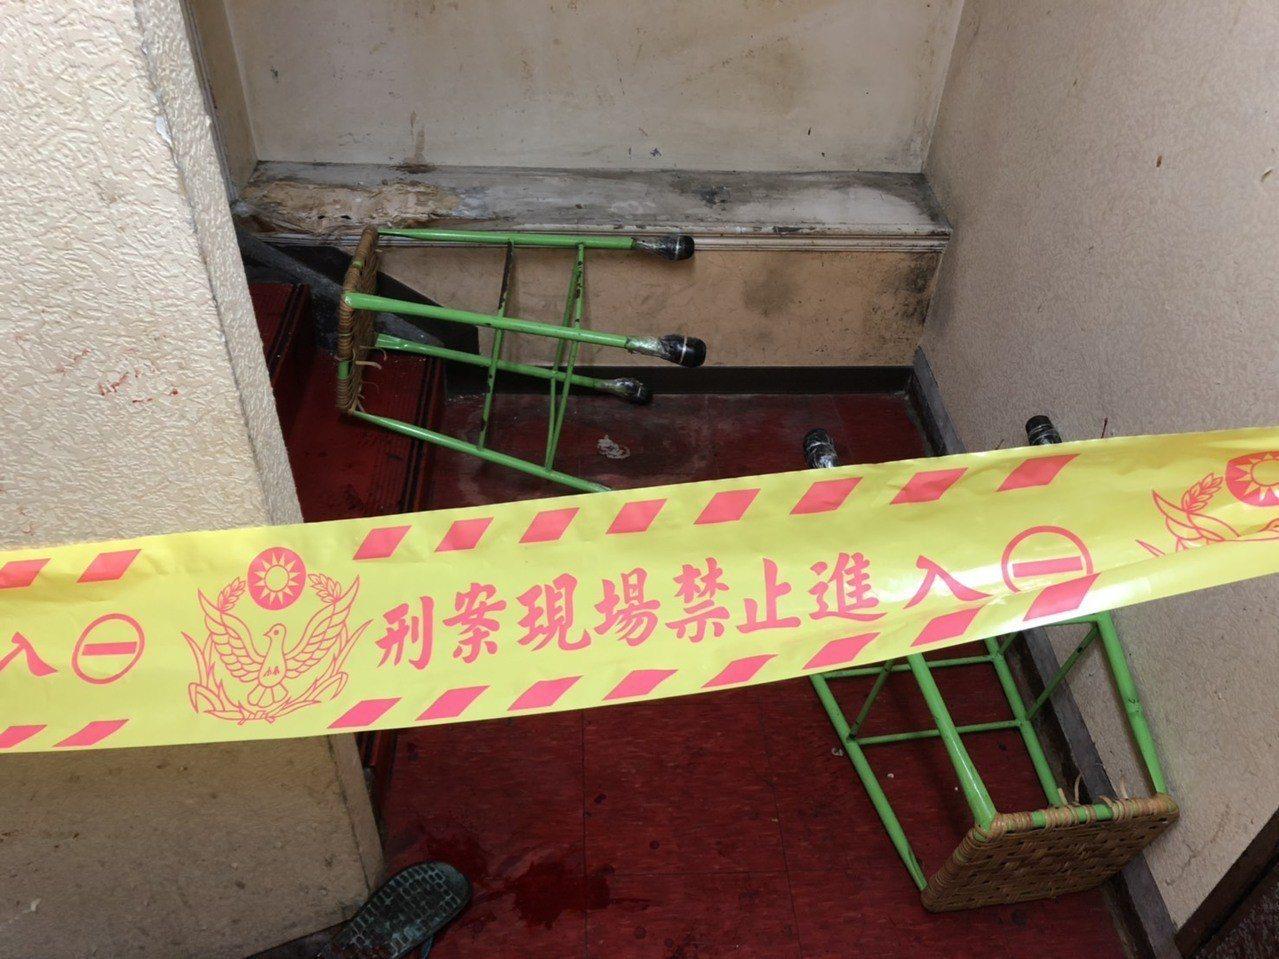 雙方在樓梯間扭打,現場還遺留滾落的椅凳。記者巫鴻瑋/翻攝